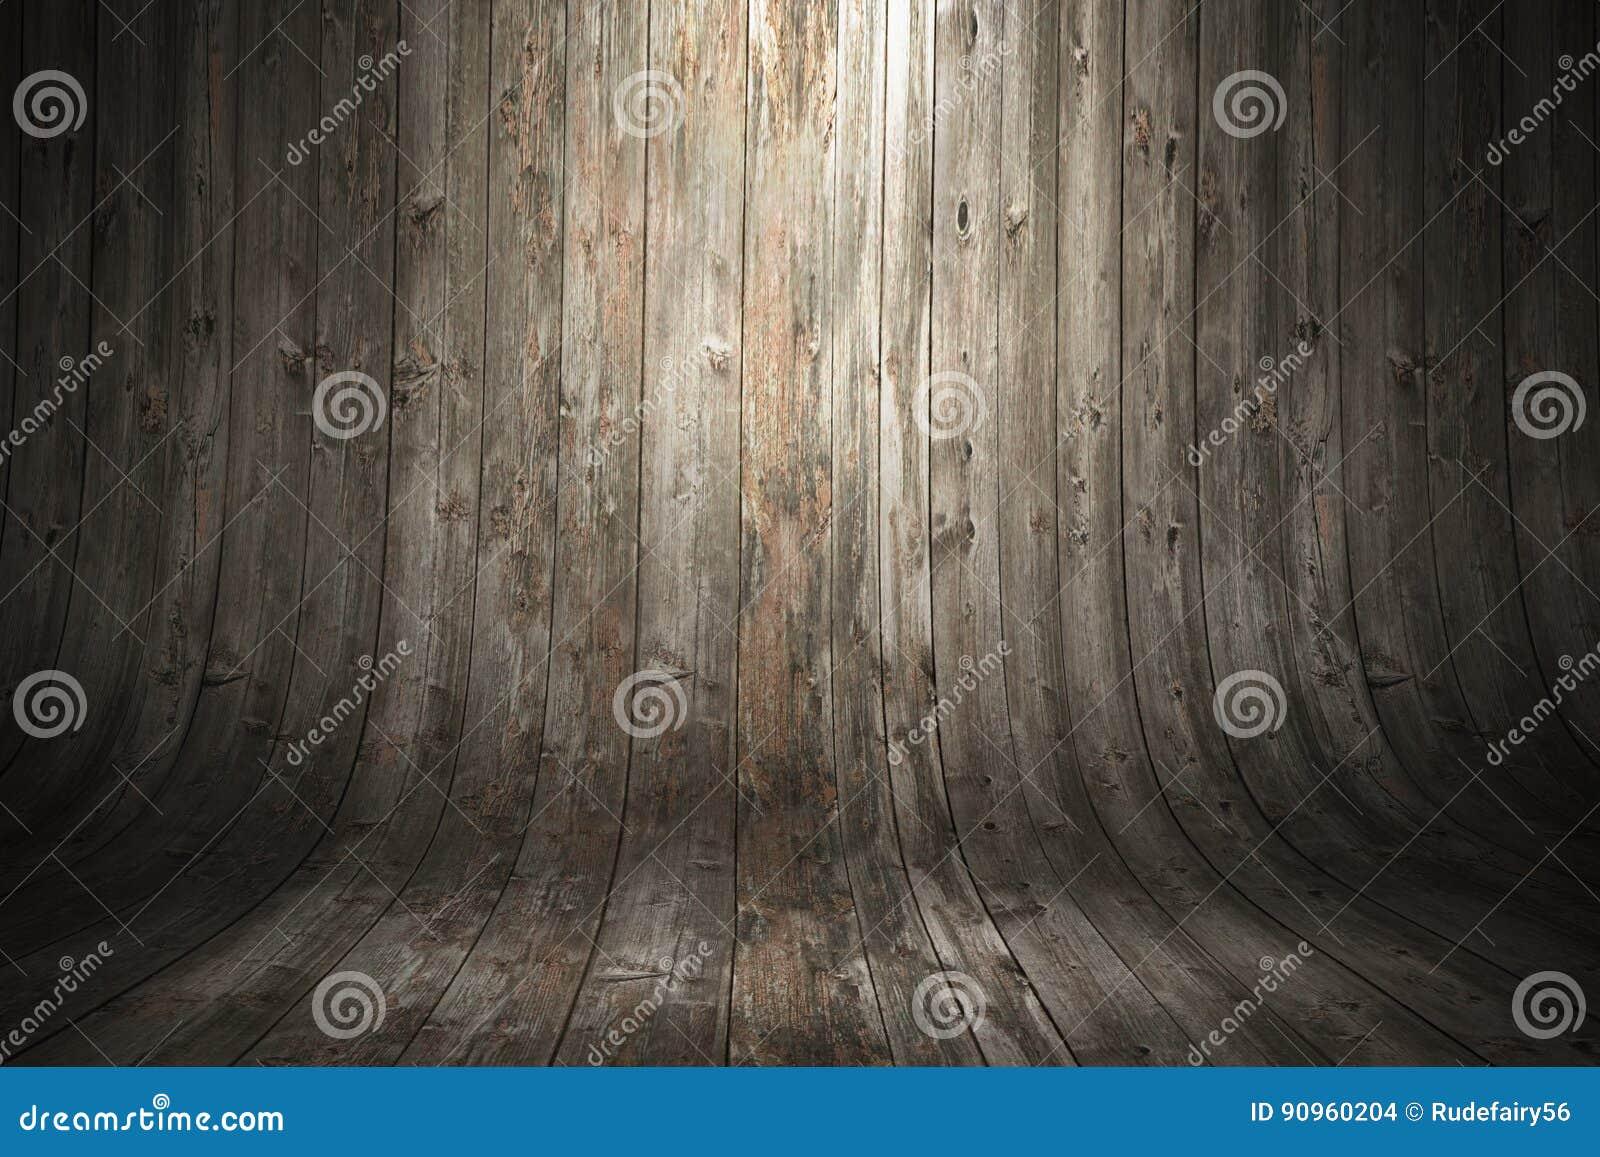 Stary grungy wyginający się drewniany tło śliwek 3 d łatwej edycji ilustrację do akt ścieżka świadczenia